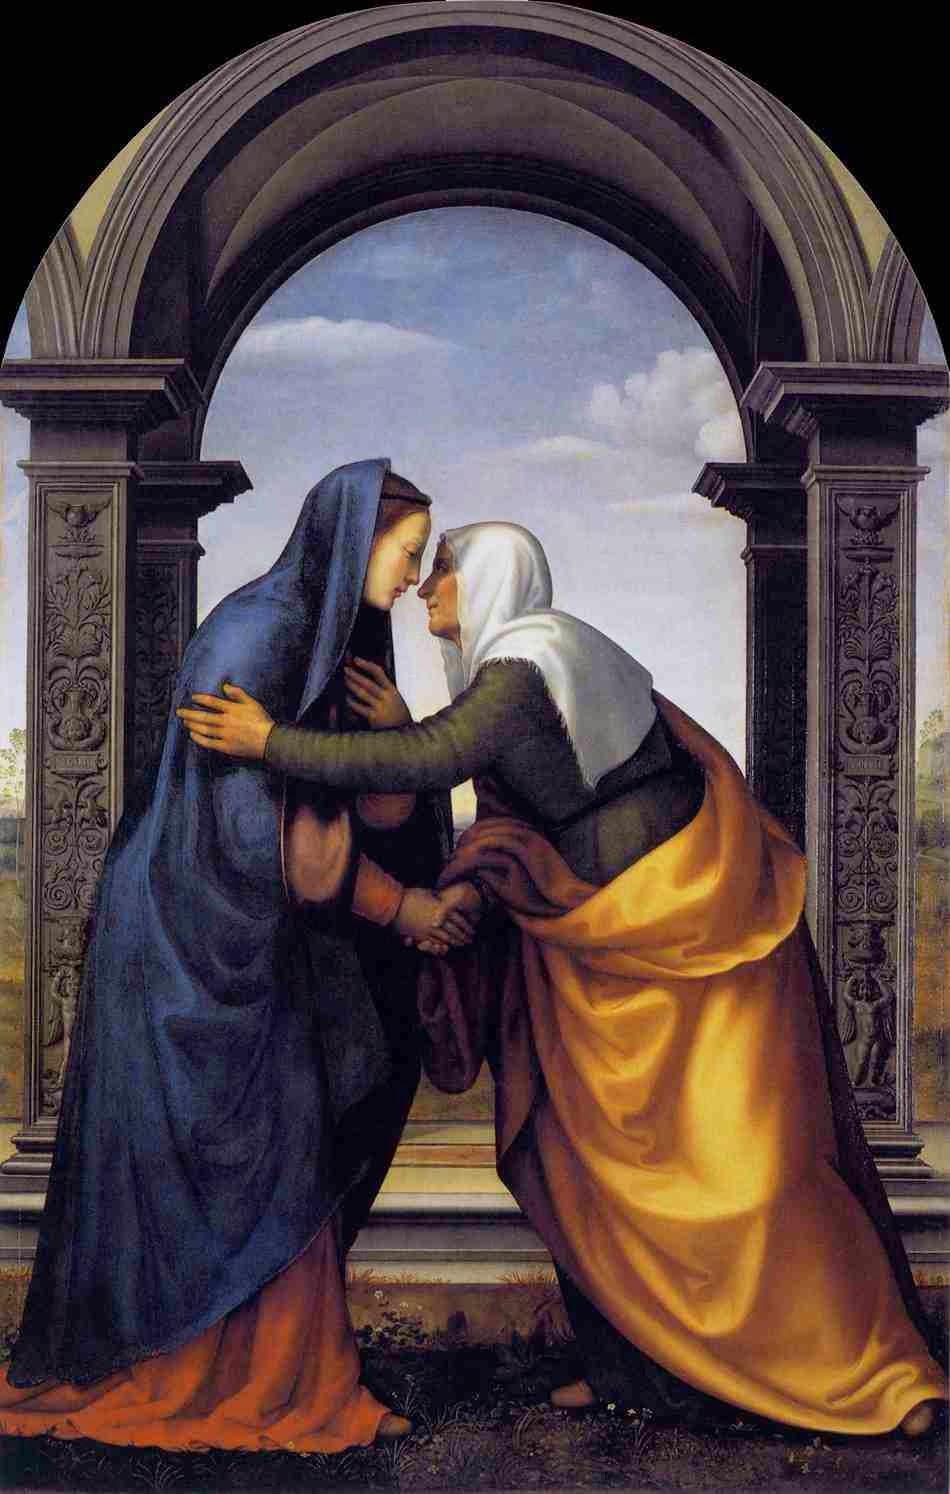 Baśnie na Warsztacie, O dwóch męskościach, suplement, Mateusz Świstak, Zachariasz, Maria i Elżbieta